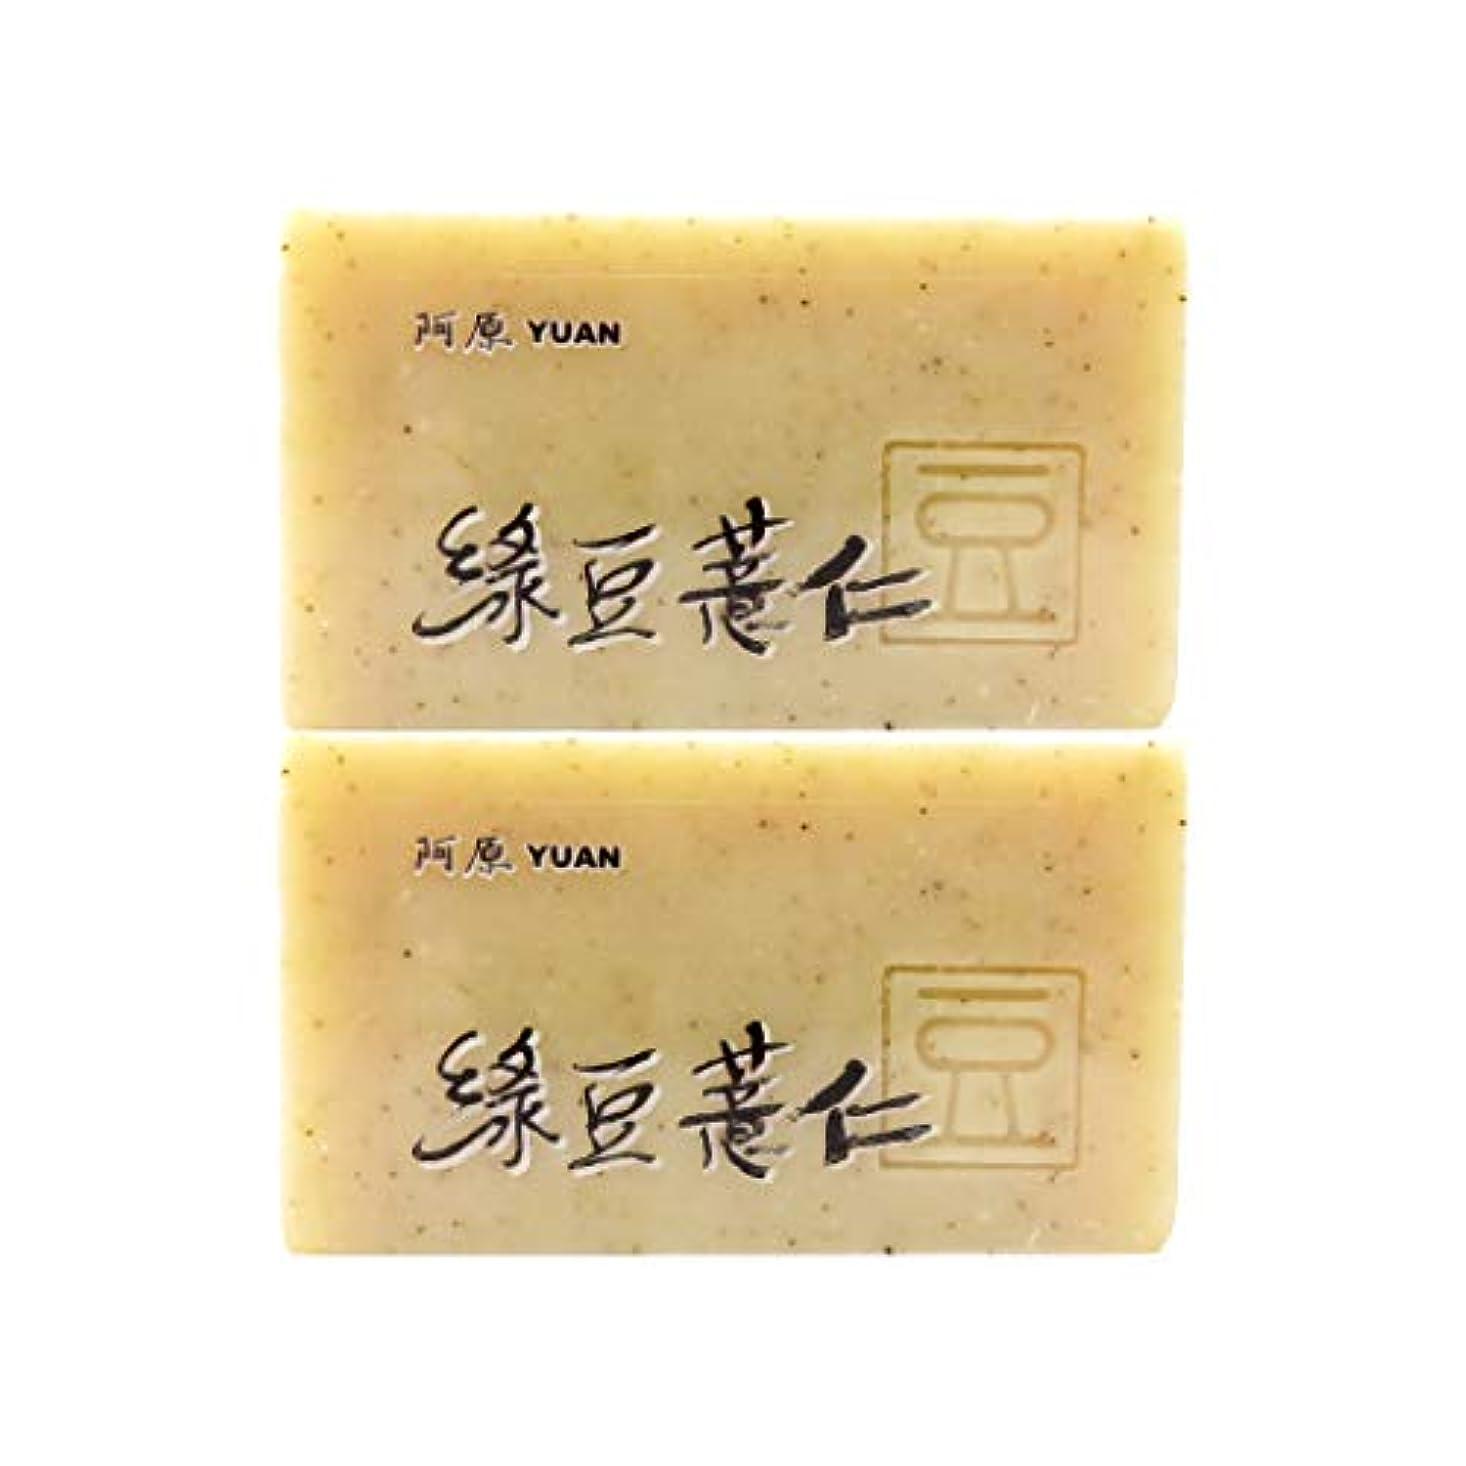 政令香港結婚するユアン(YUAN) ハトムギ+リョクトウソープ 100g (2個セット)